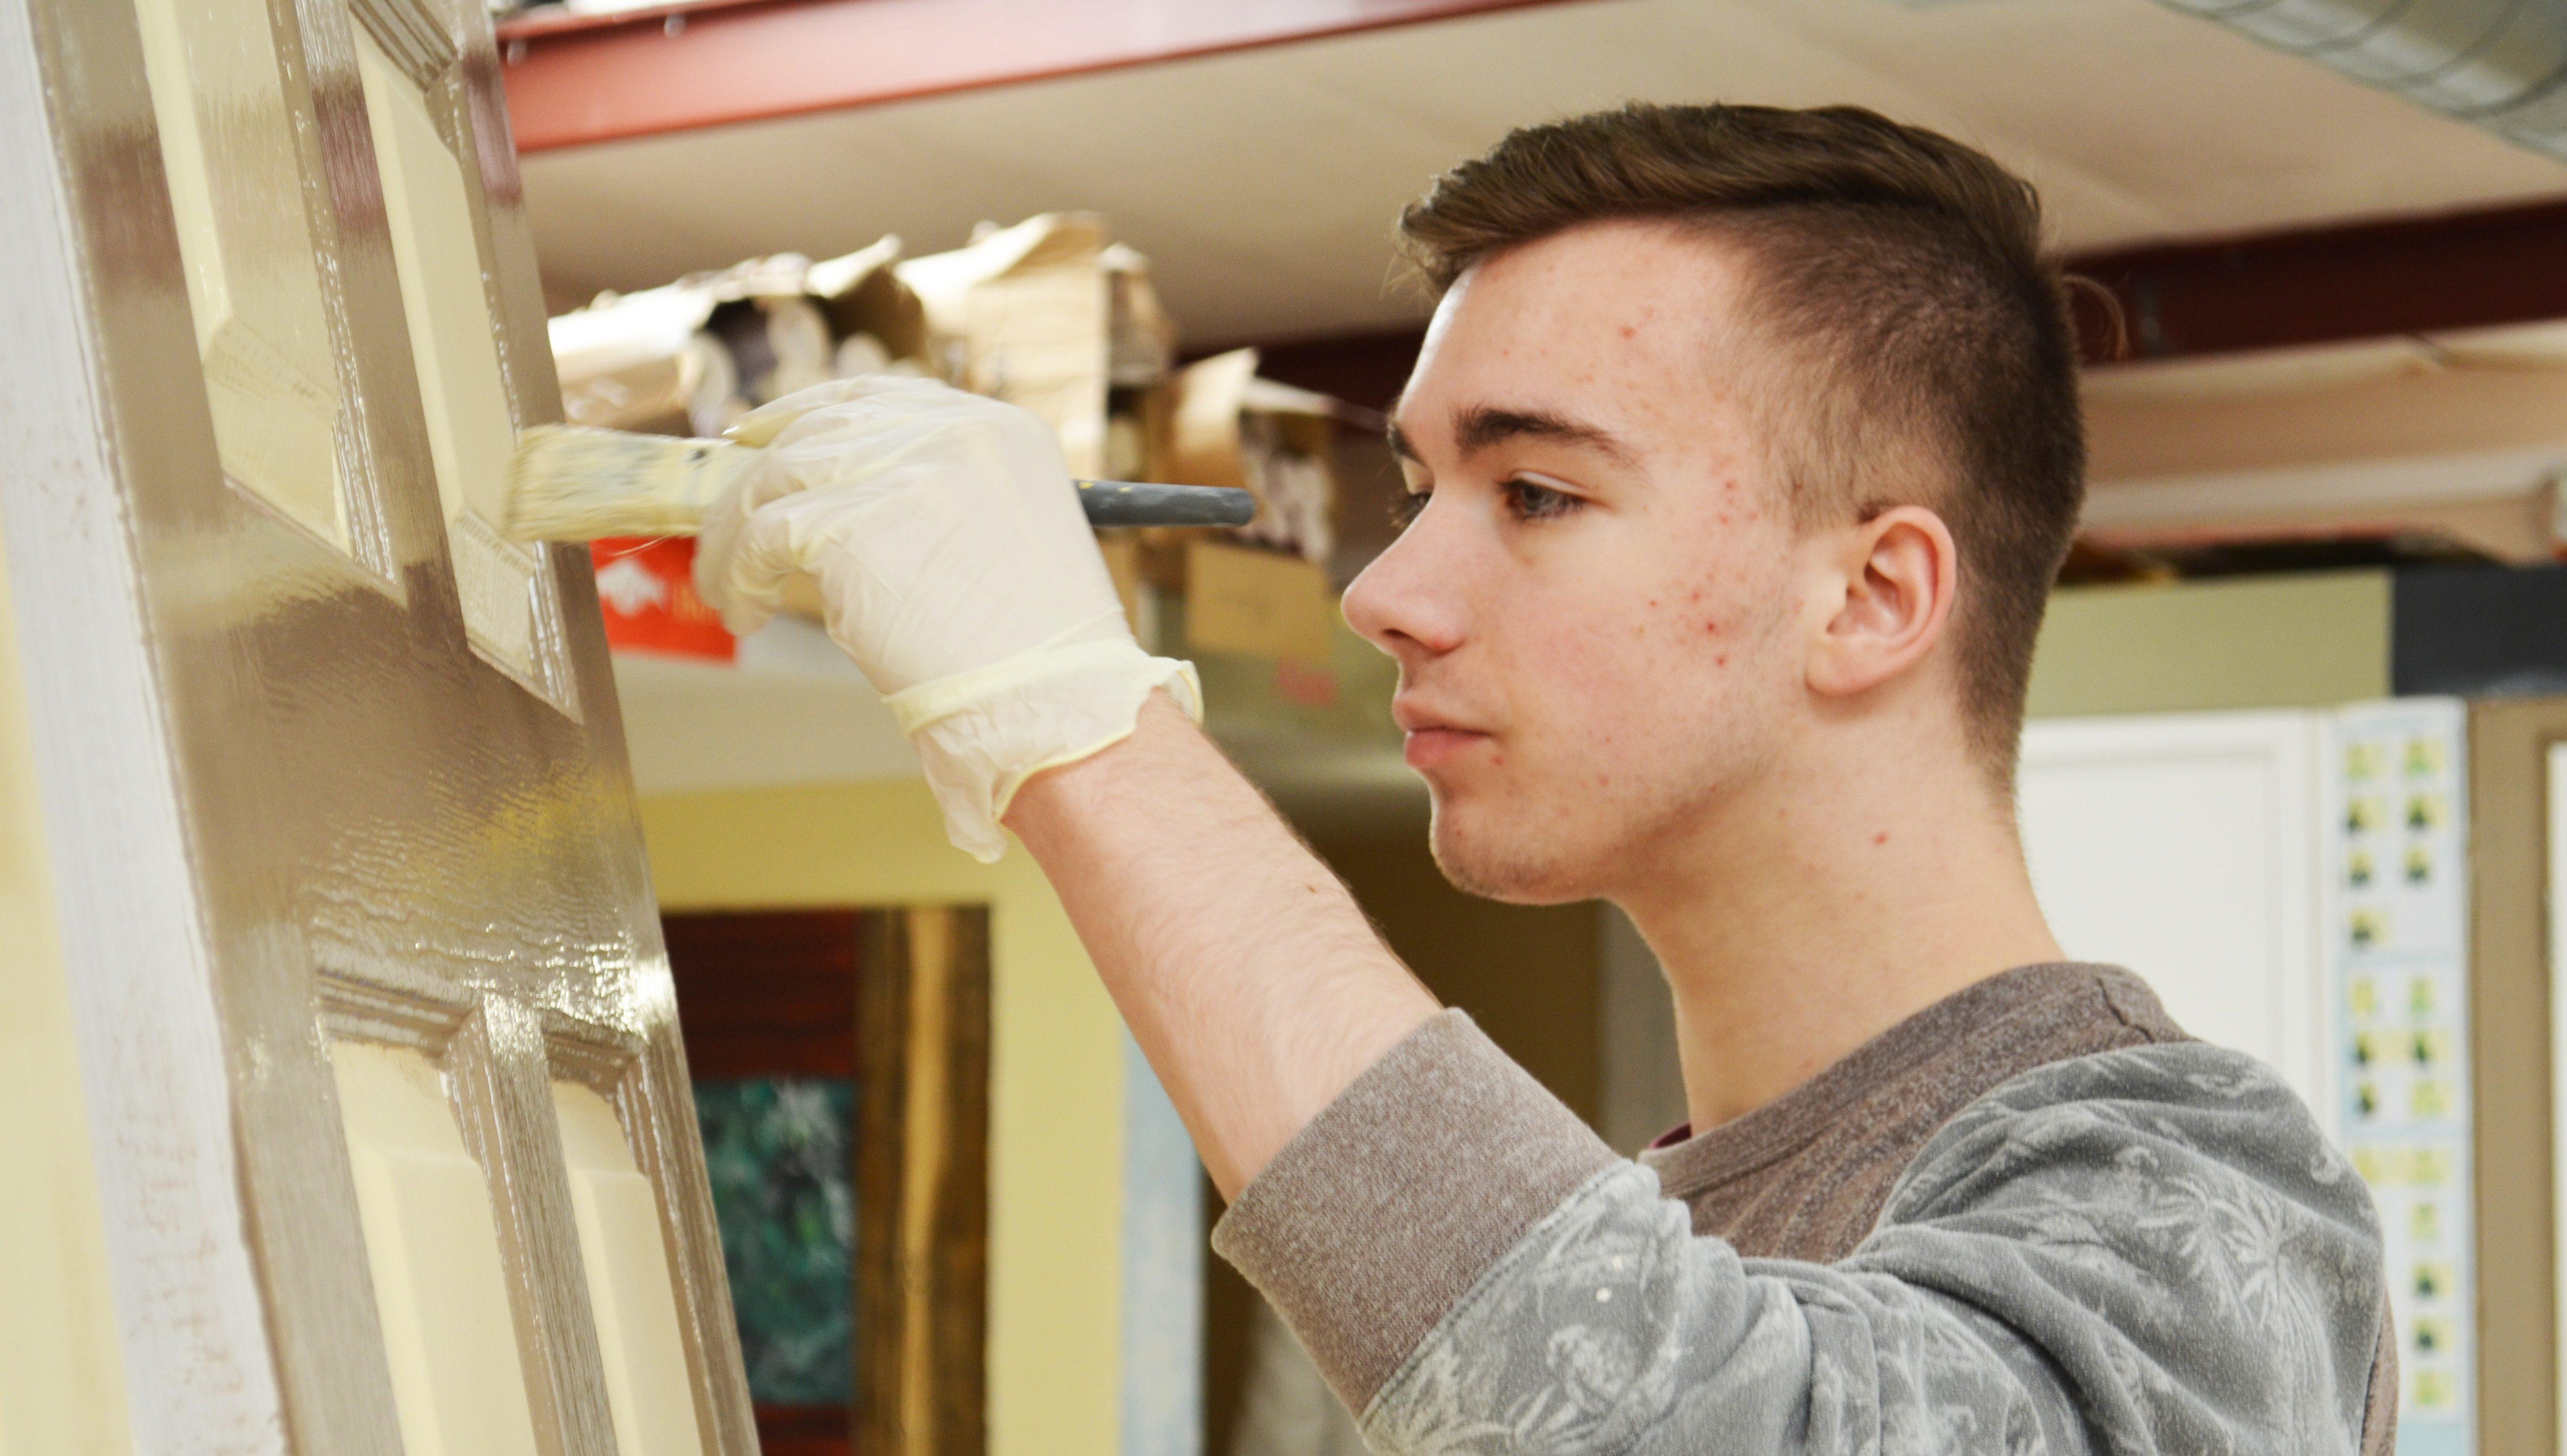 Student painting door.